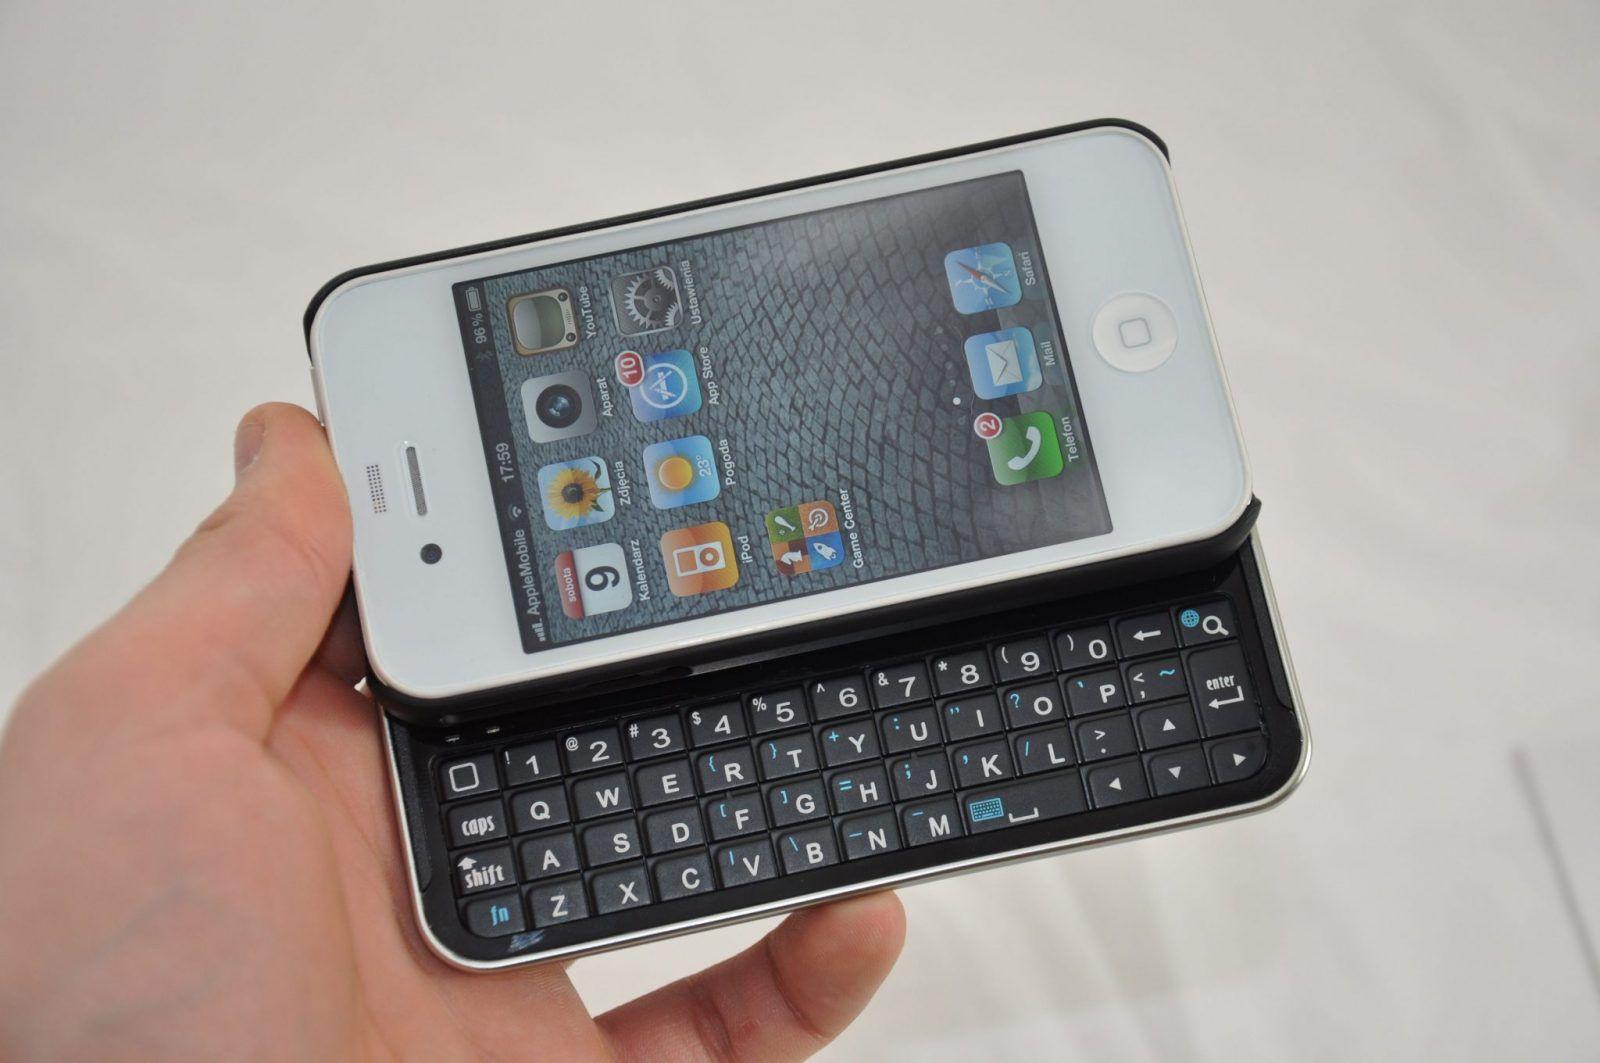 Recenzja: Ctech Wireless Slide Keyboard Case – praktyczne etui do iPhone 4 z klawiaturą QWERTY